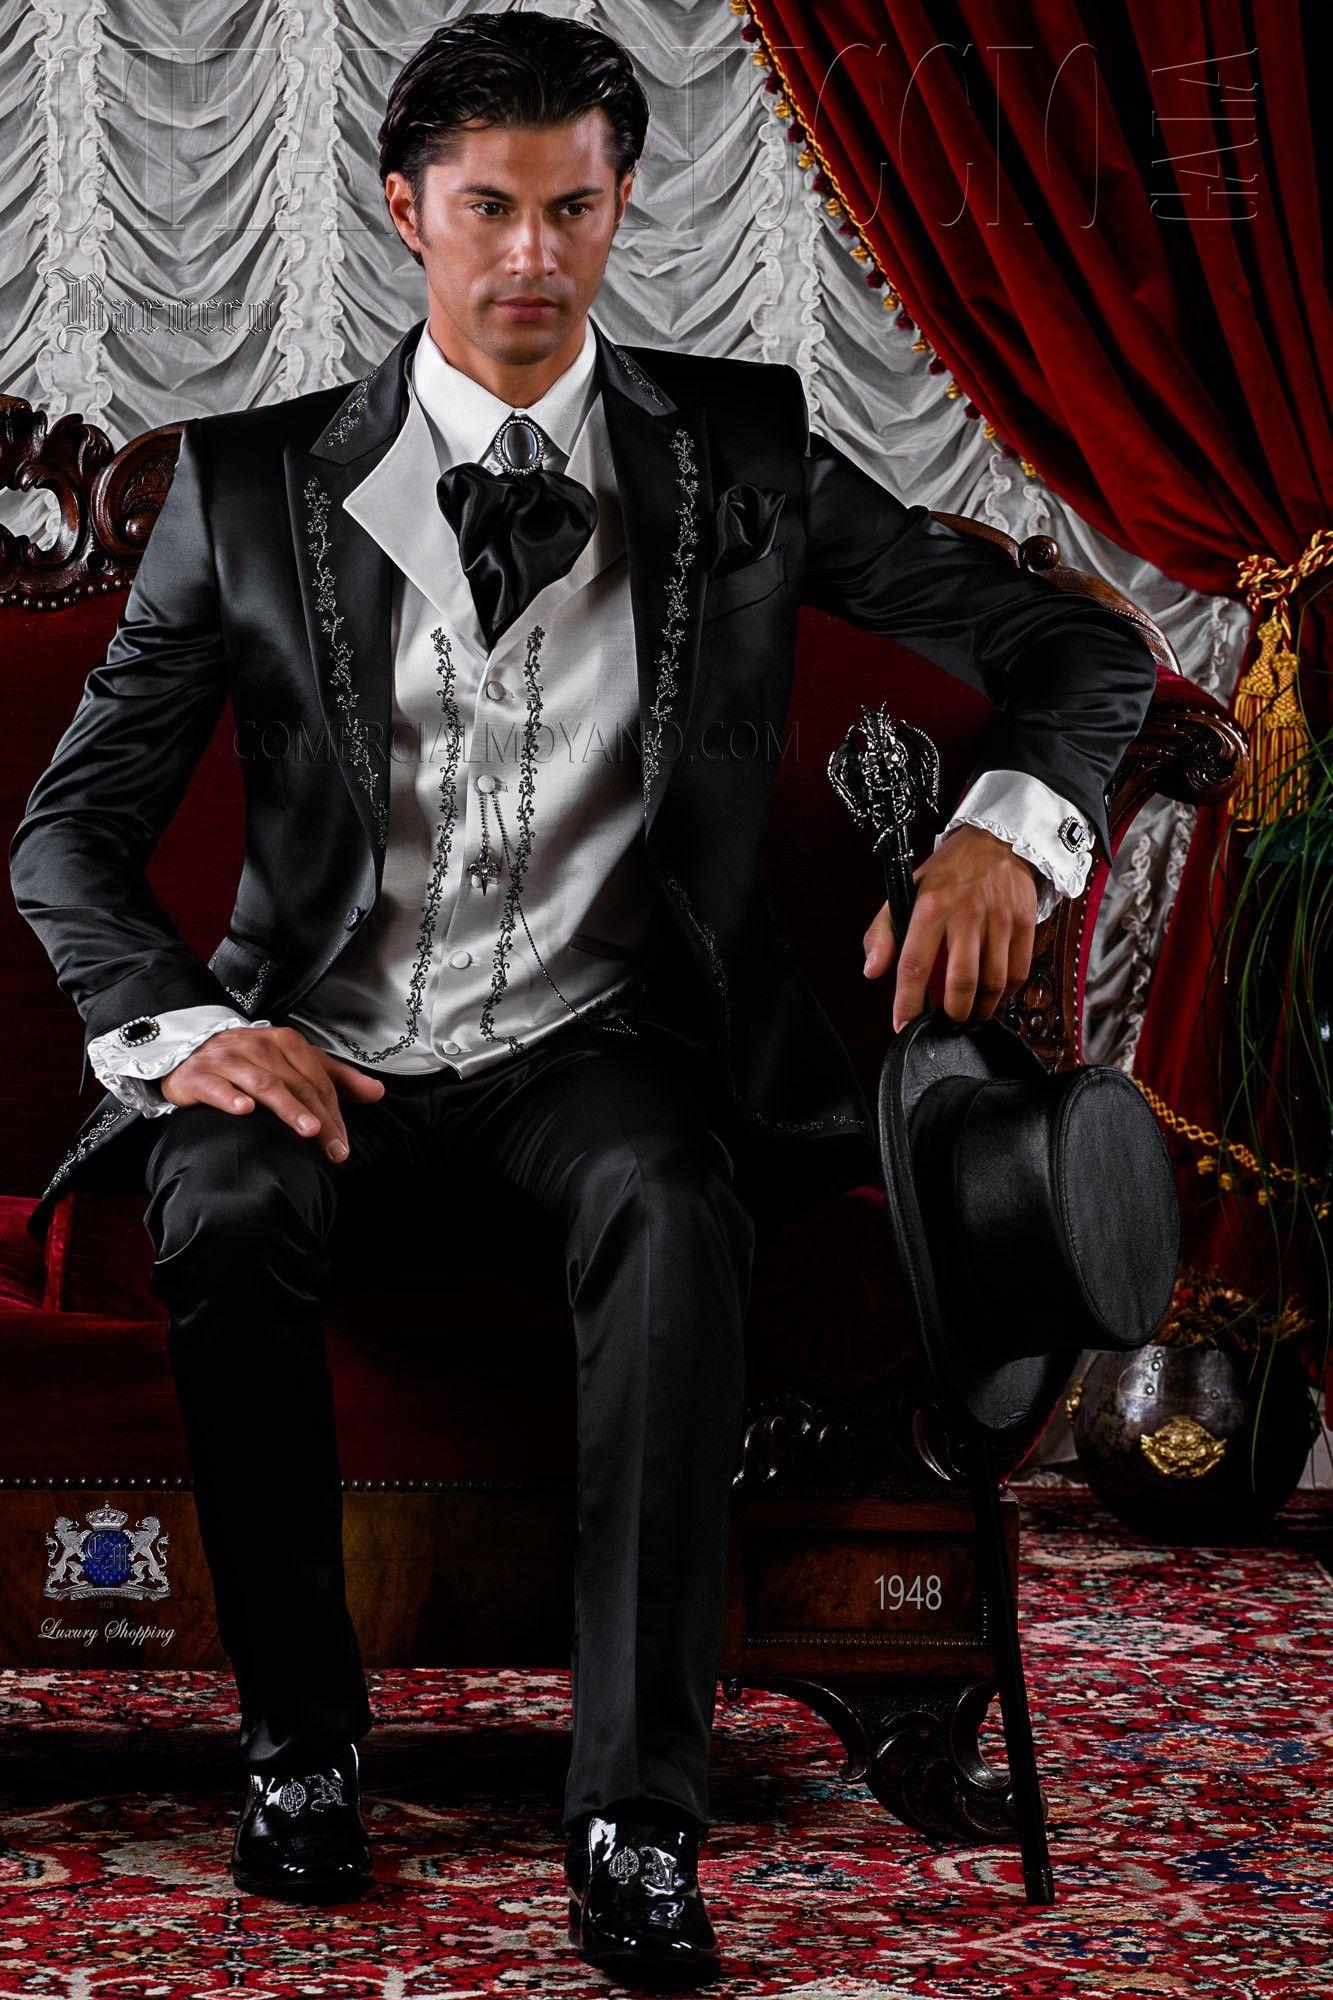 Costume de mariage noir avec broderie Ottavio Nuccio Gala